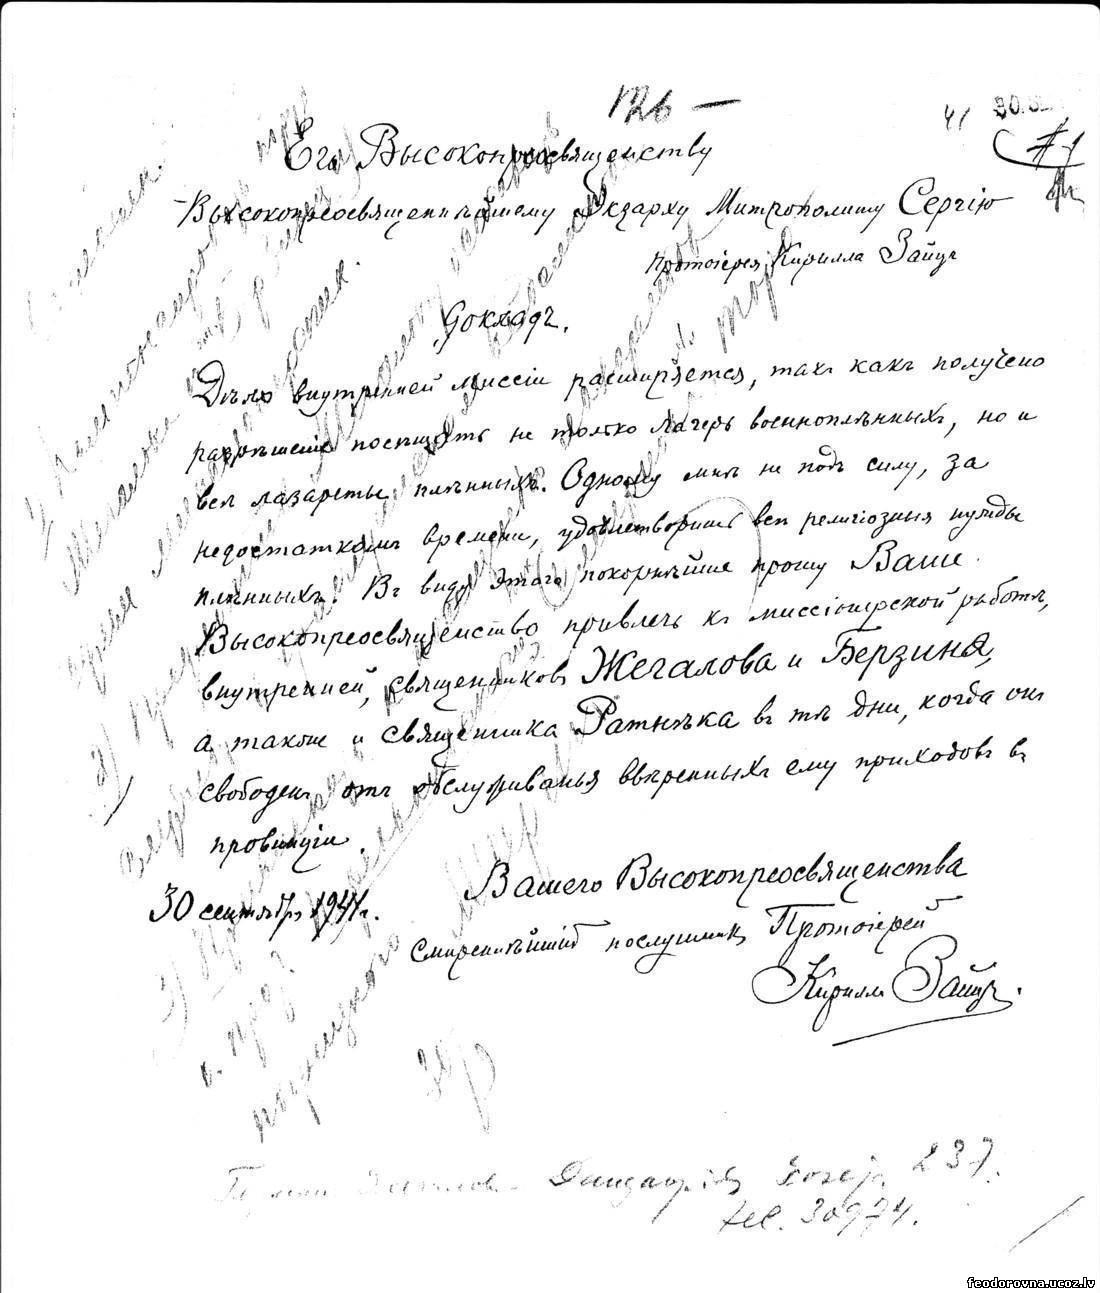 Доклад о.Кирилла Зайца от 30.09.1941 о привлечении новых священников ко Внутренней Миссии